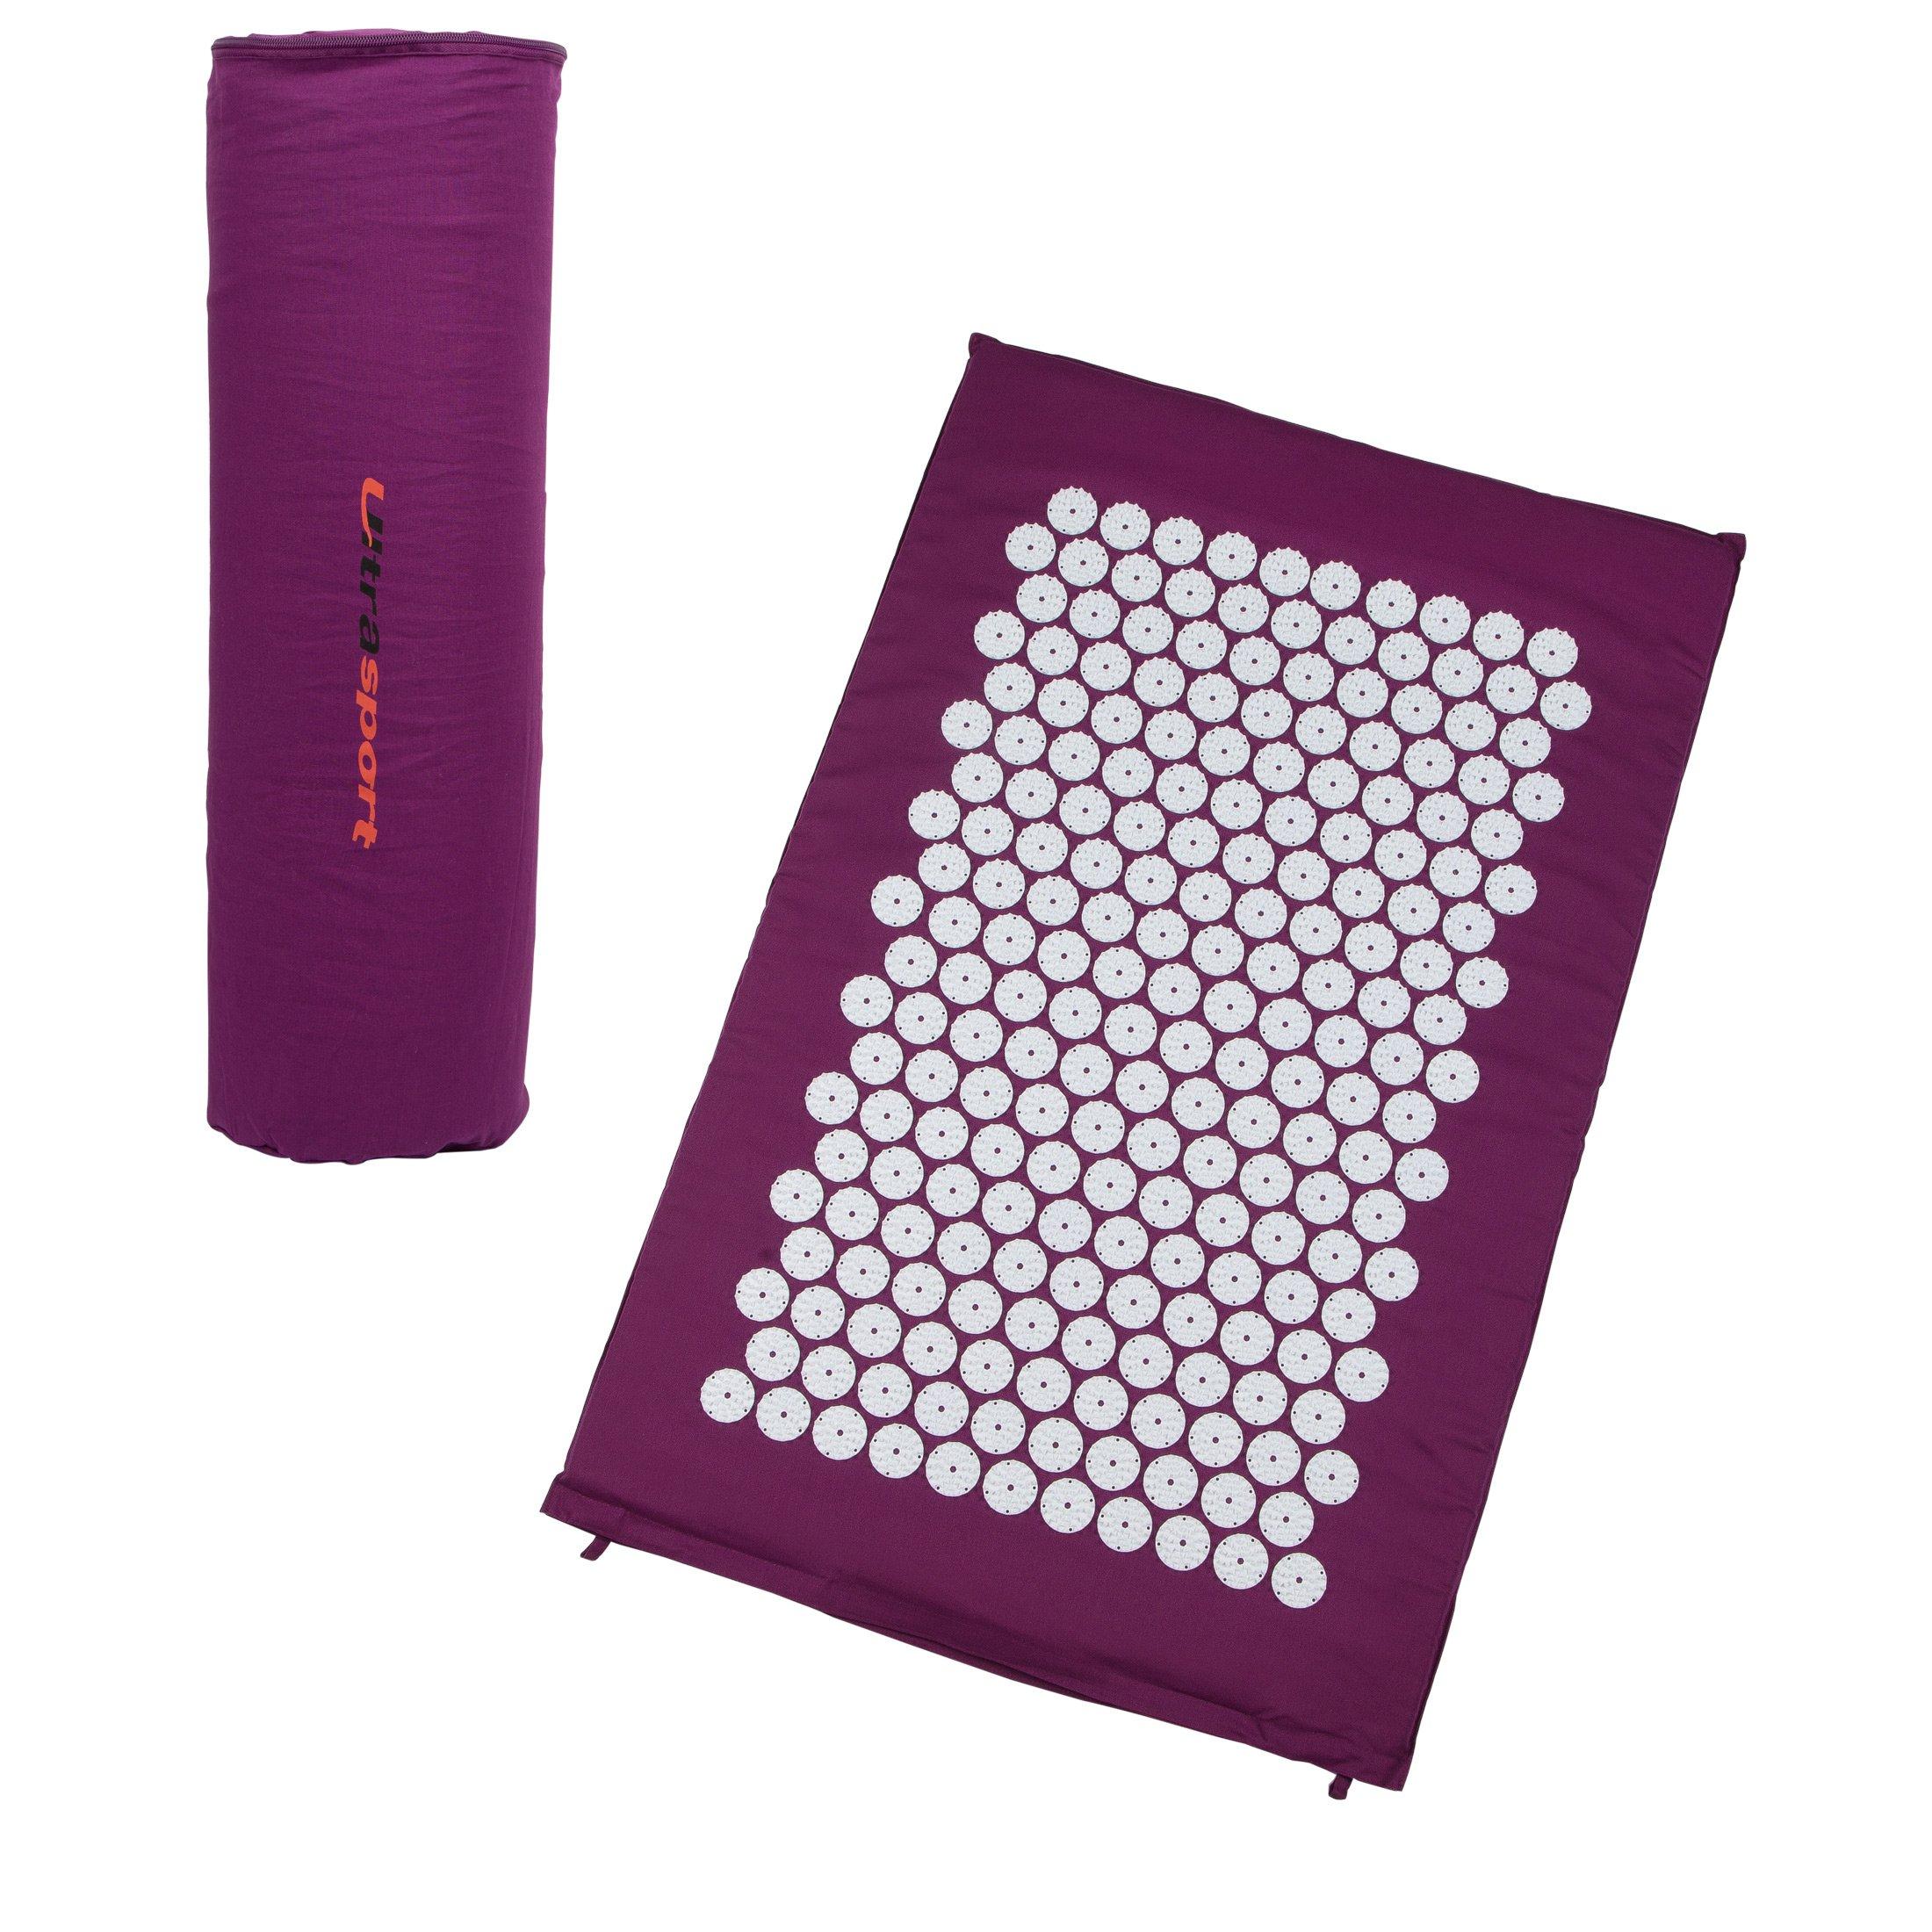 Ultrasport Esterilla de acupresión / esterilla yantra con bolsa de transporte, esterilla de acupuntura multiusos